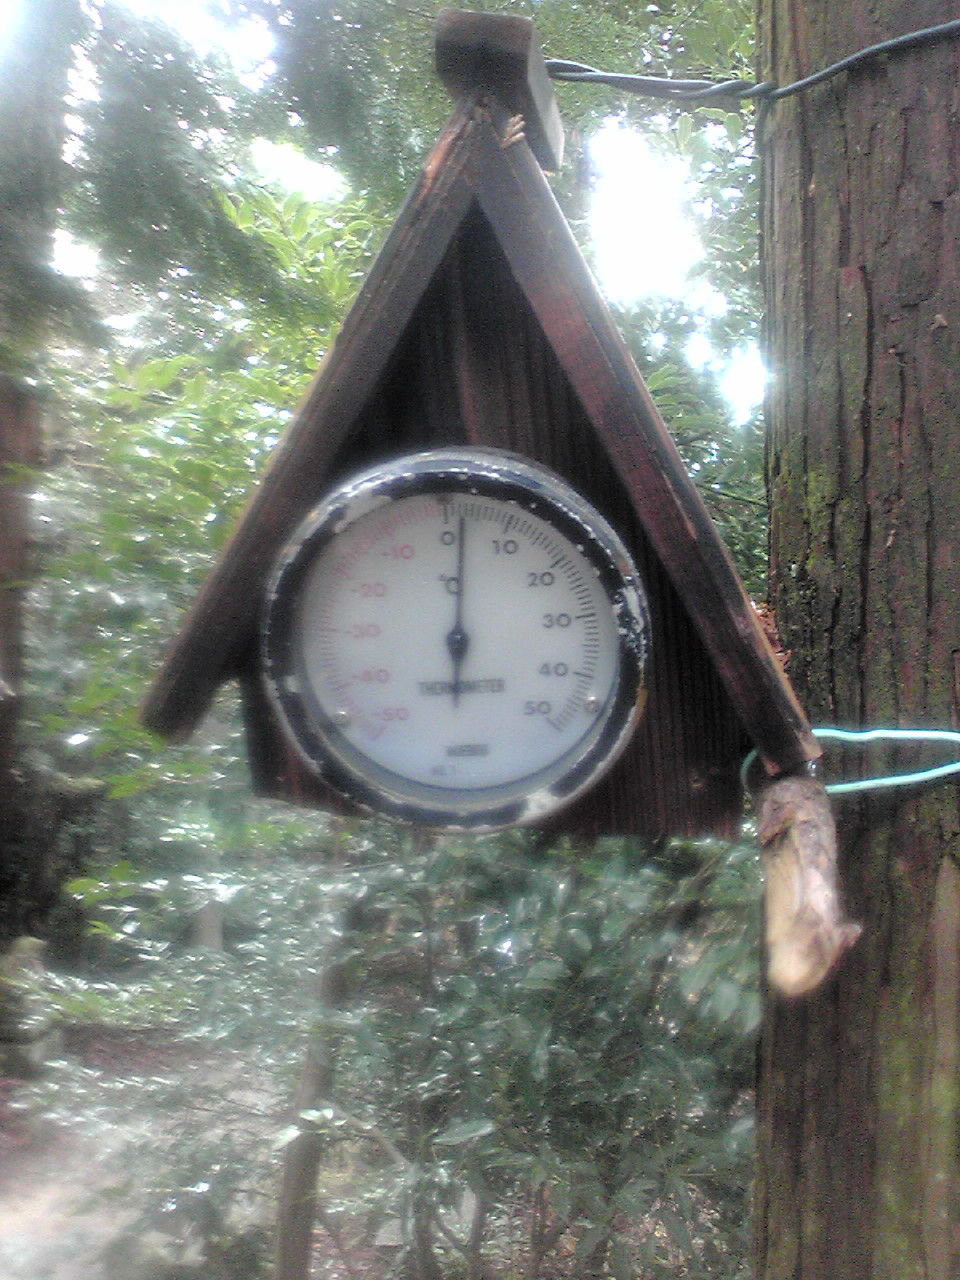 大麻山温度計